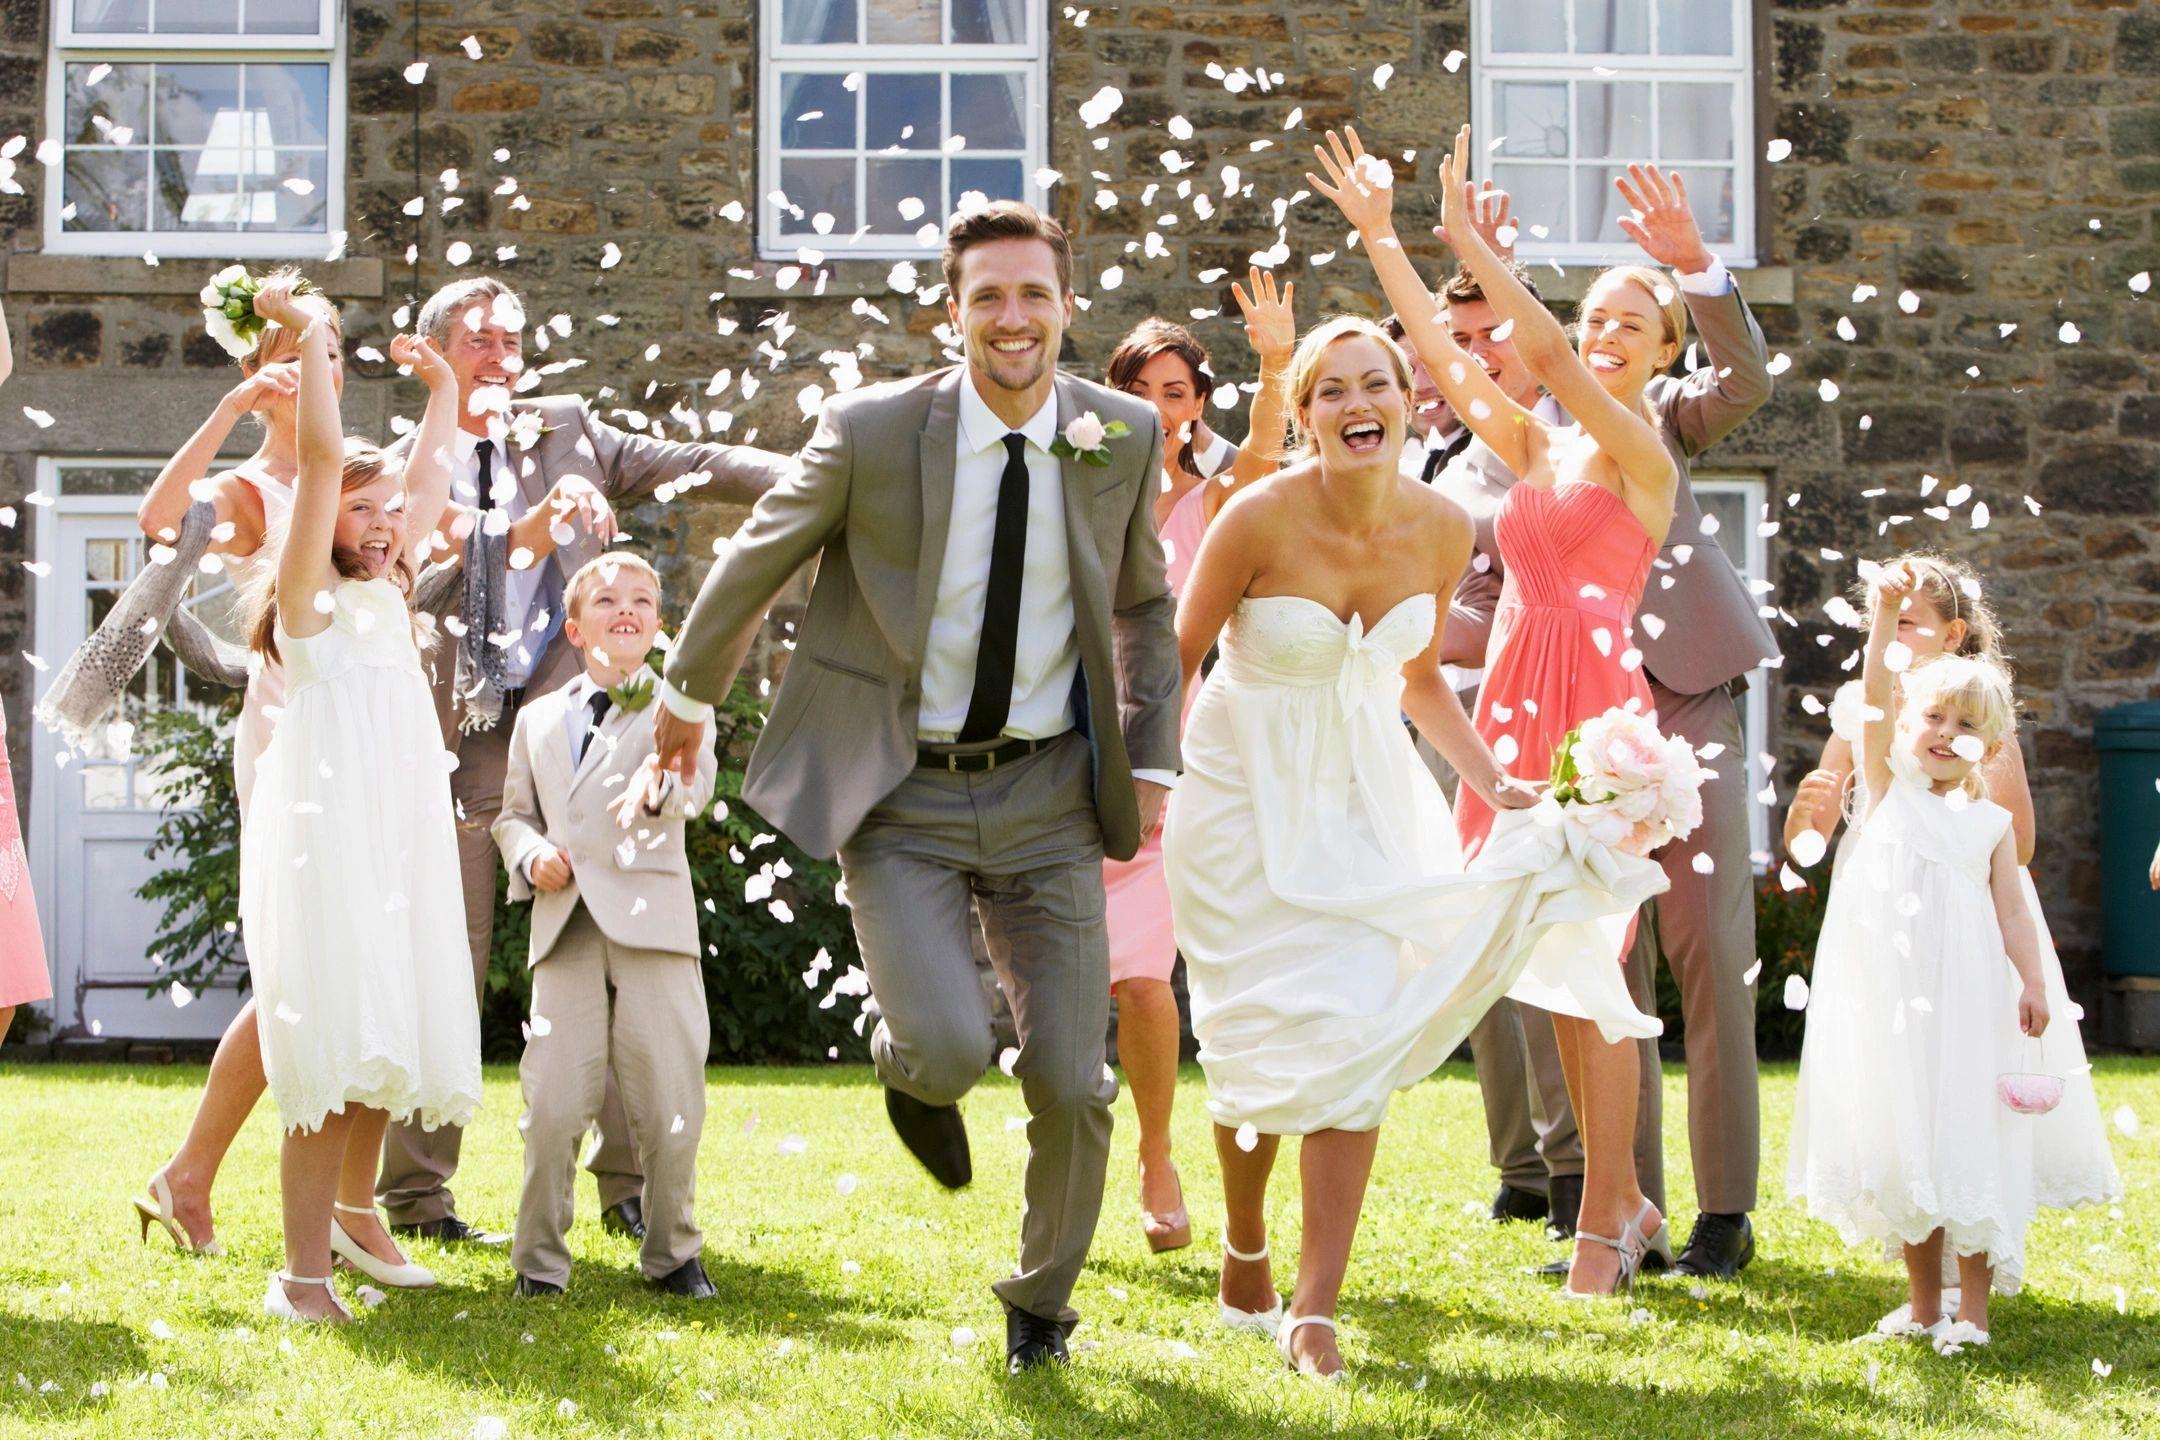 Benefits Of Hiring San Diego Wedding DJ for Your Wedding Celebrations Hustle Events DJ Service HustleGrind.com DJ Hustle